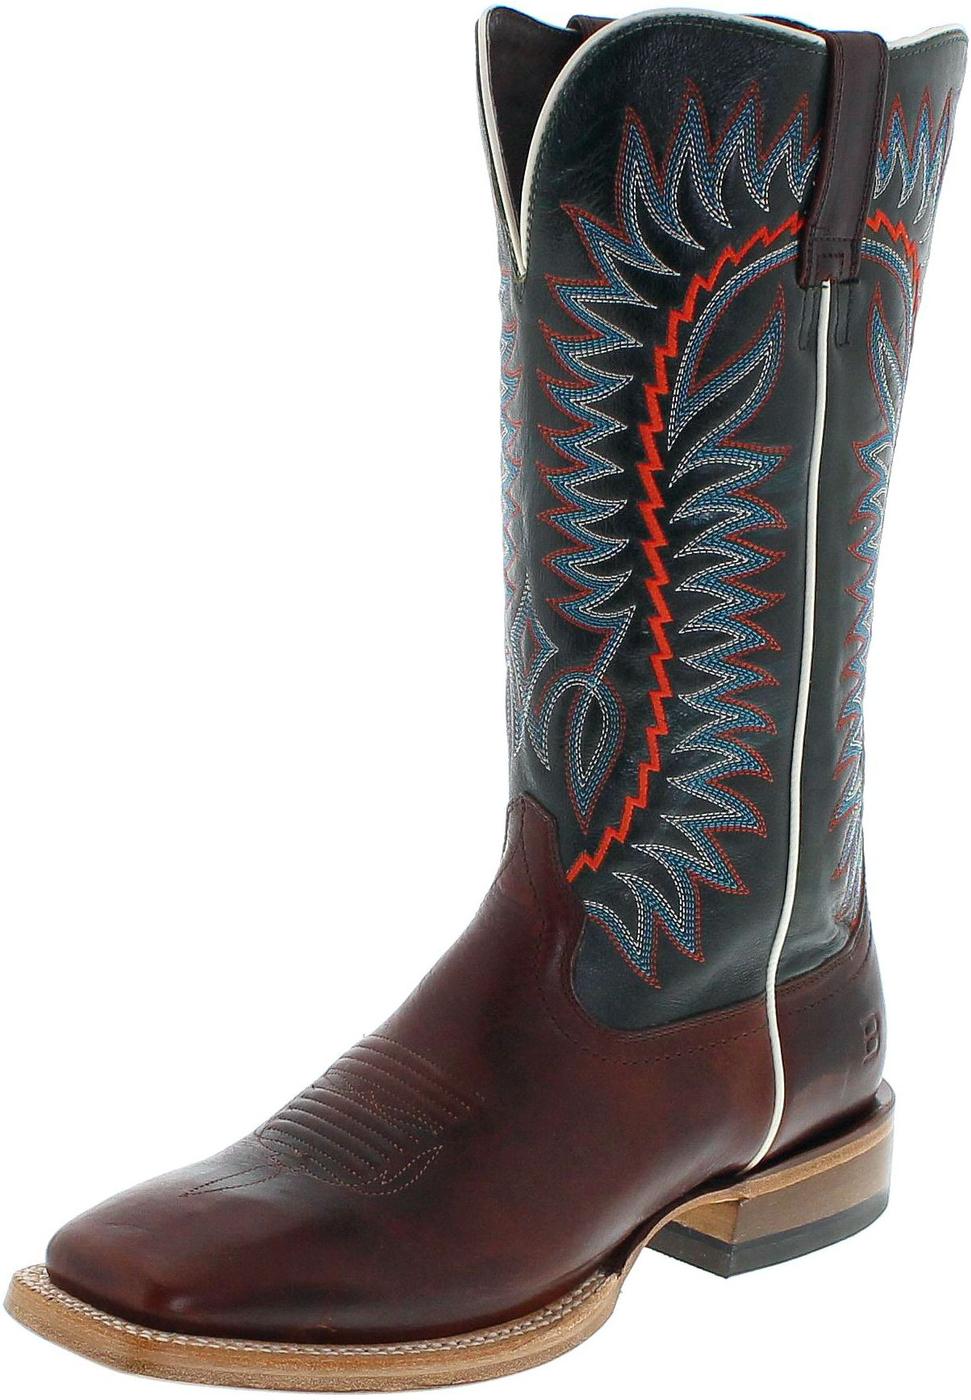 081d20fd49d Ariat RELENTLESS ELITE 21671 Texaco Cognac Sic Em Sapphire Western riding  boot - brown blue